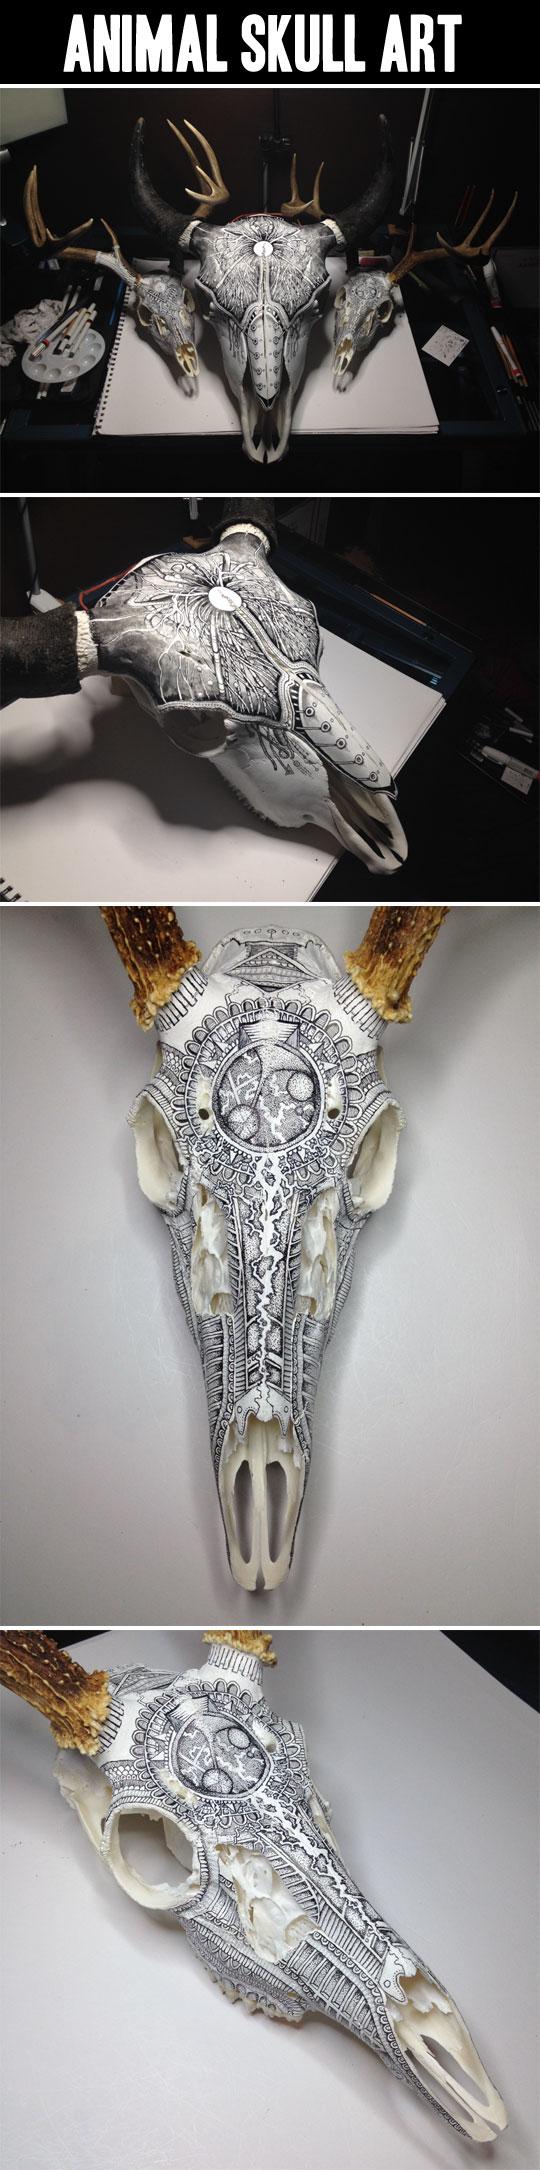 Animal Skull Art…